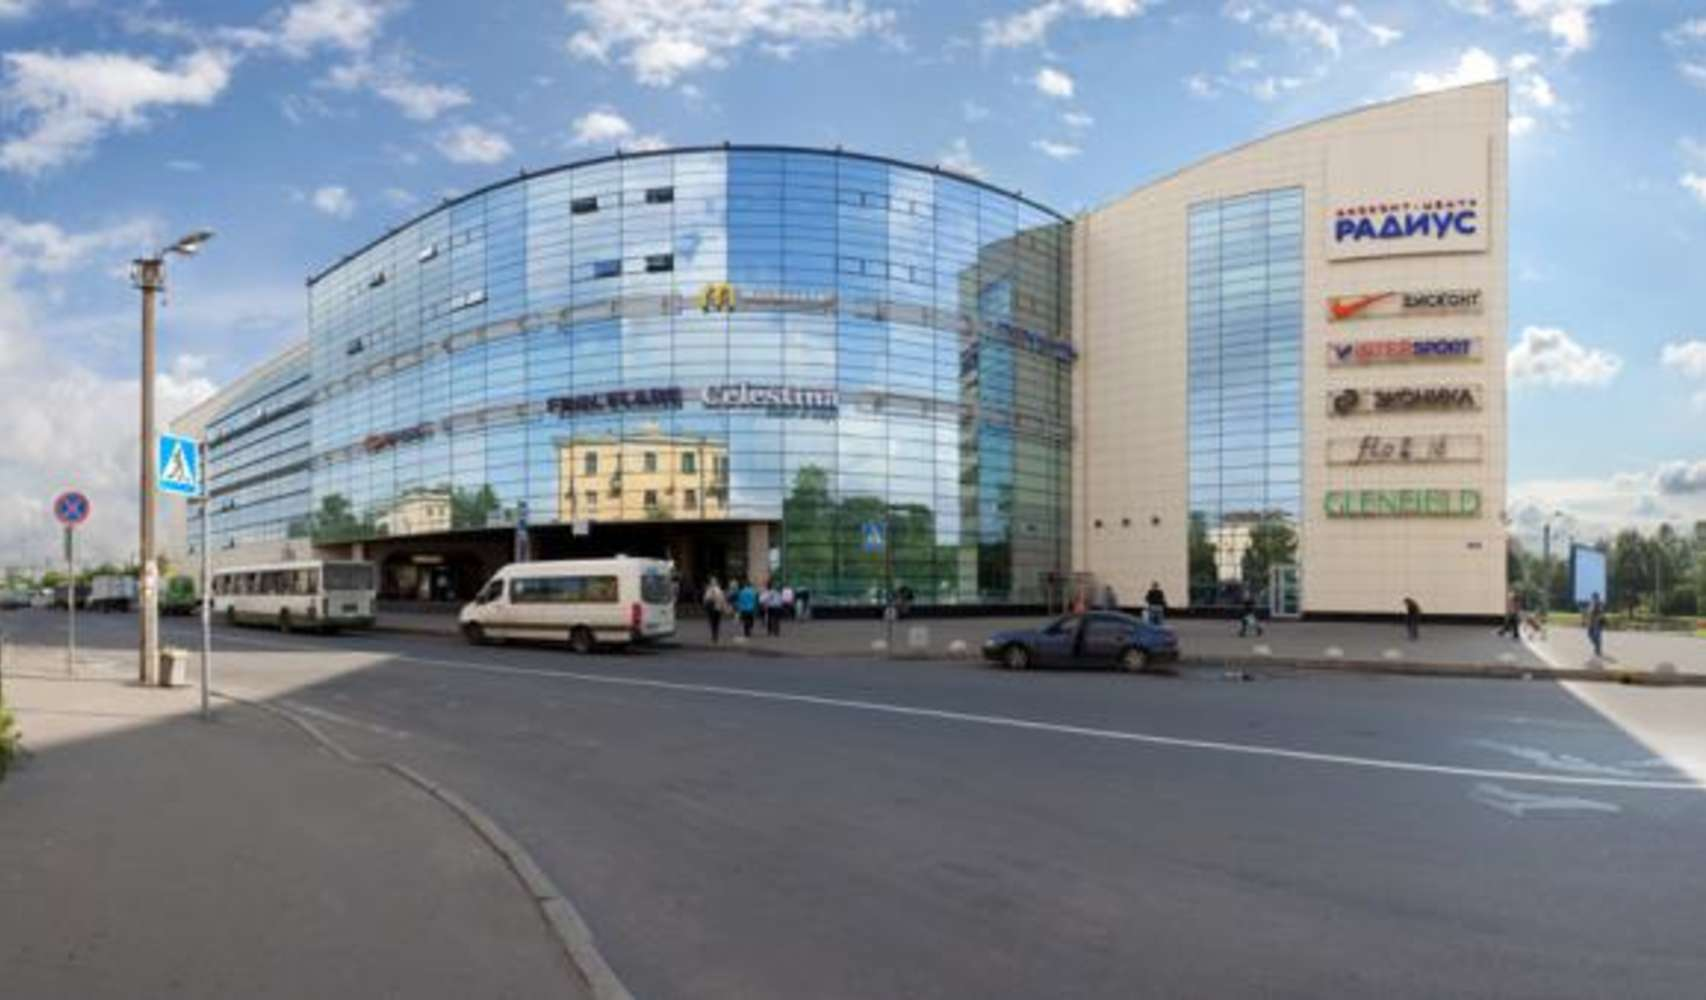 Офисная недвижимость Санкт-петербург,  - Радиус